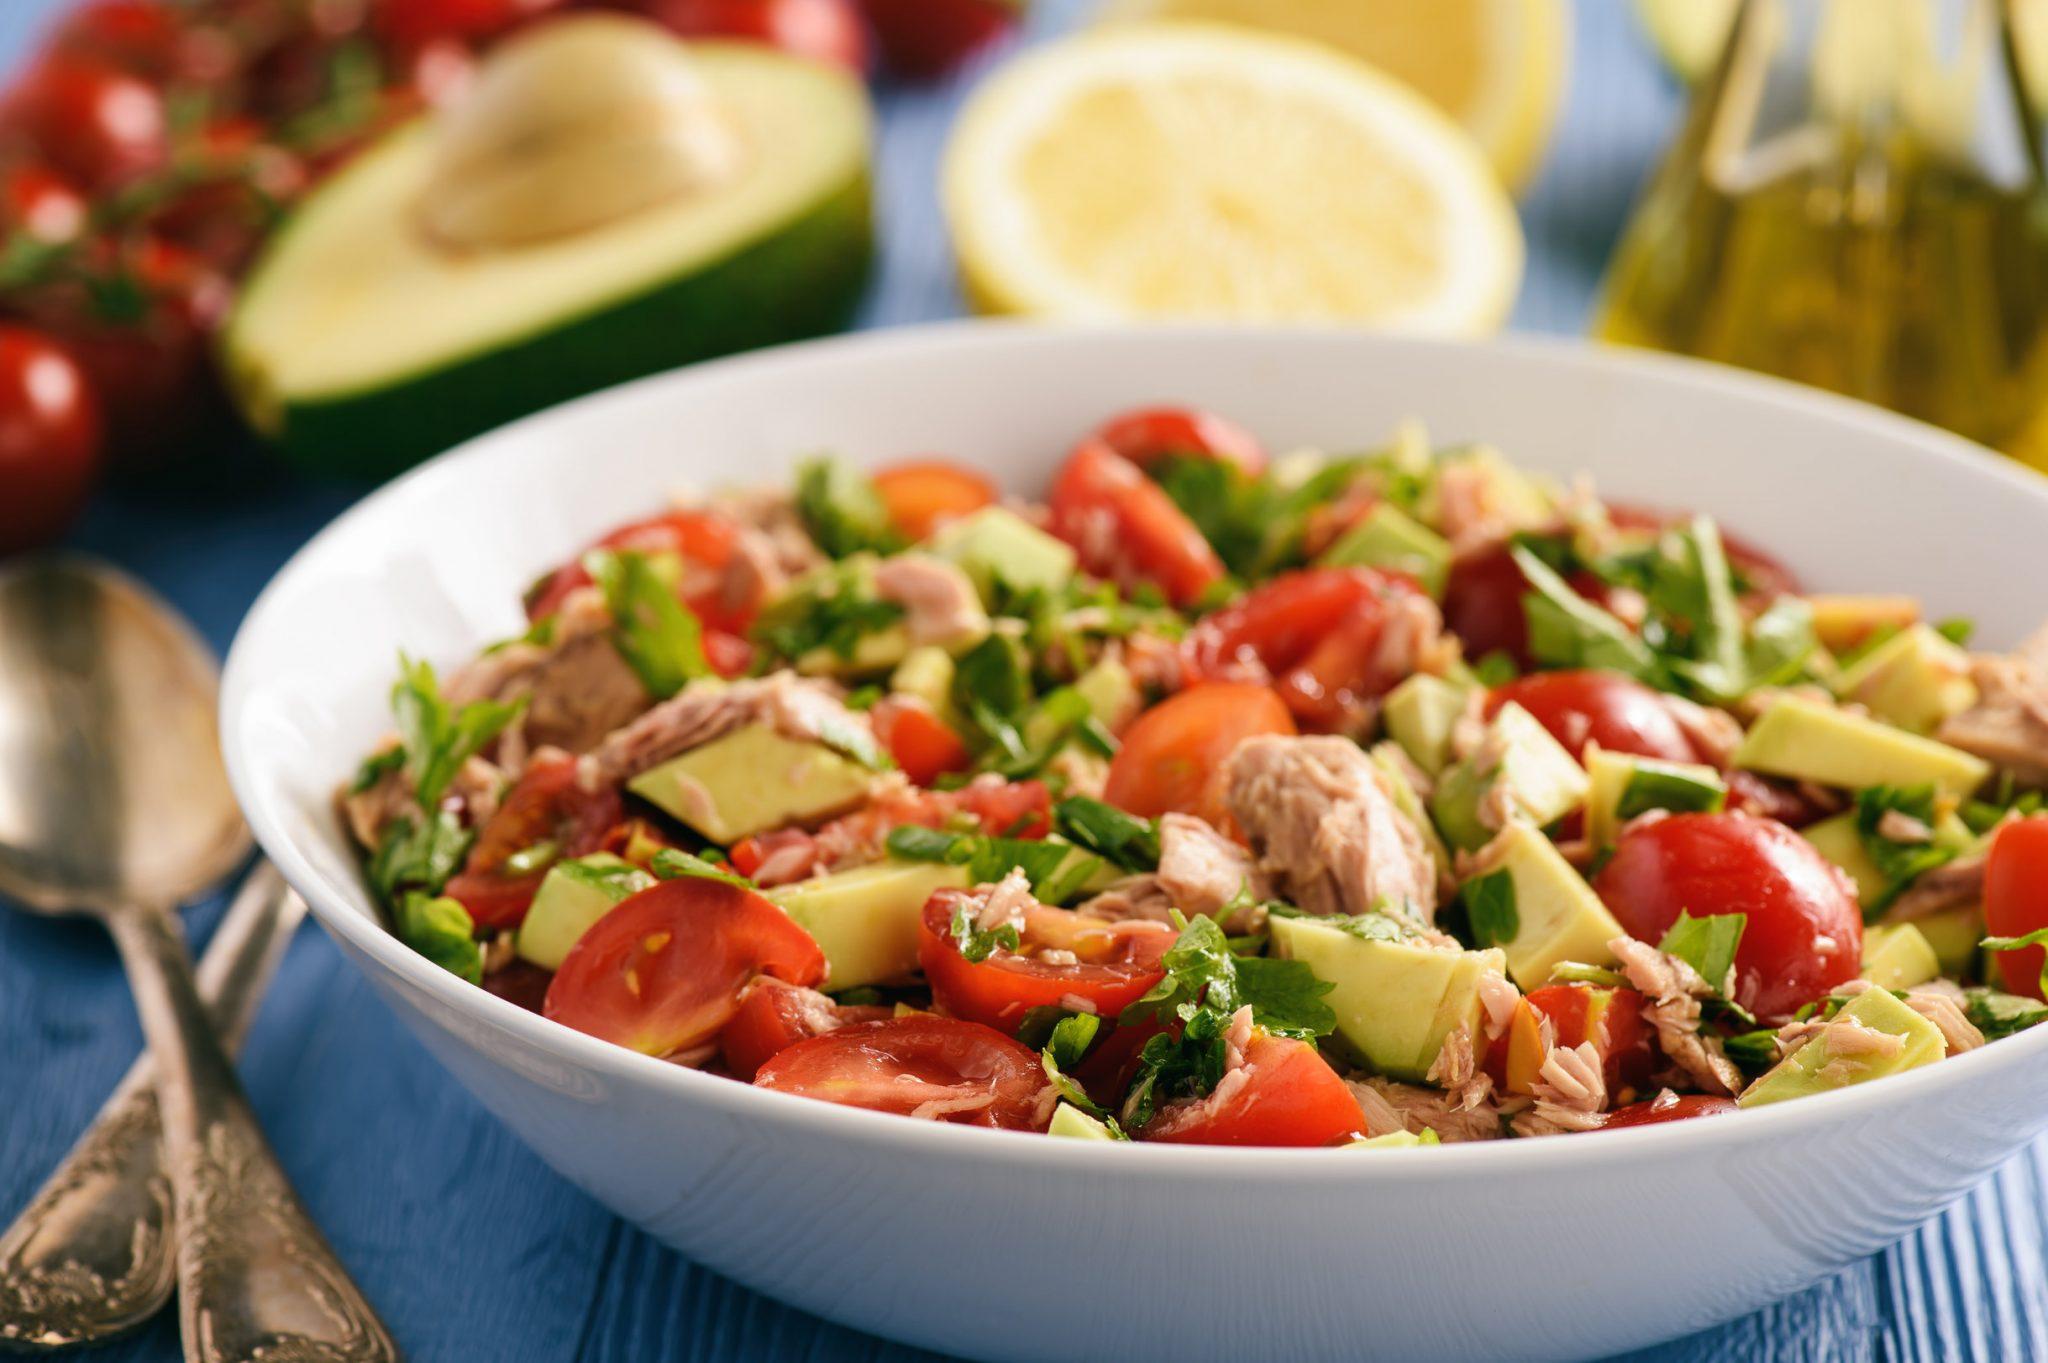 Lemony Avocado Tomato Tuna Salad Healthy Salad Recipes